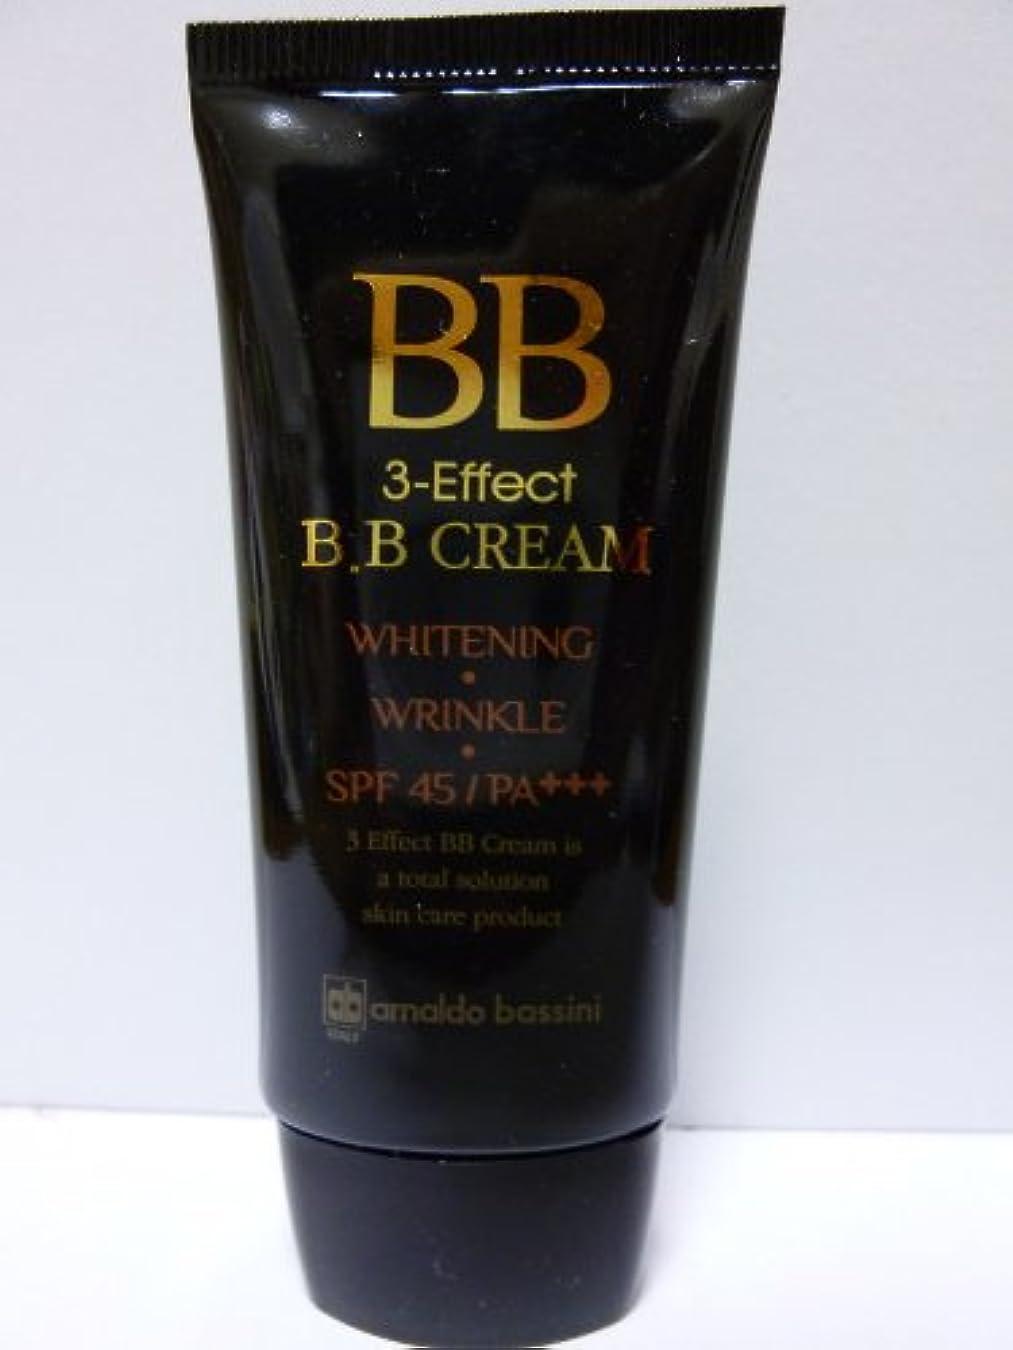 シーボード大佐ケイ素BB 3-Effect B.B CREAM